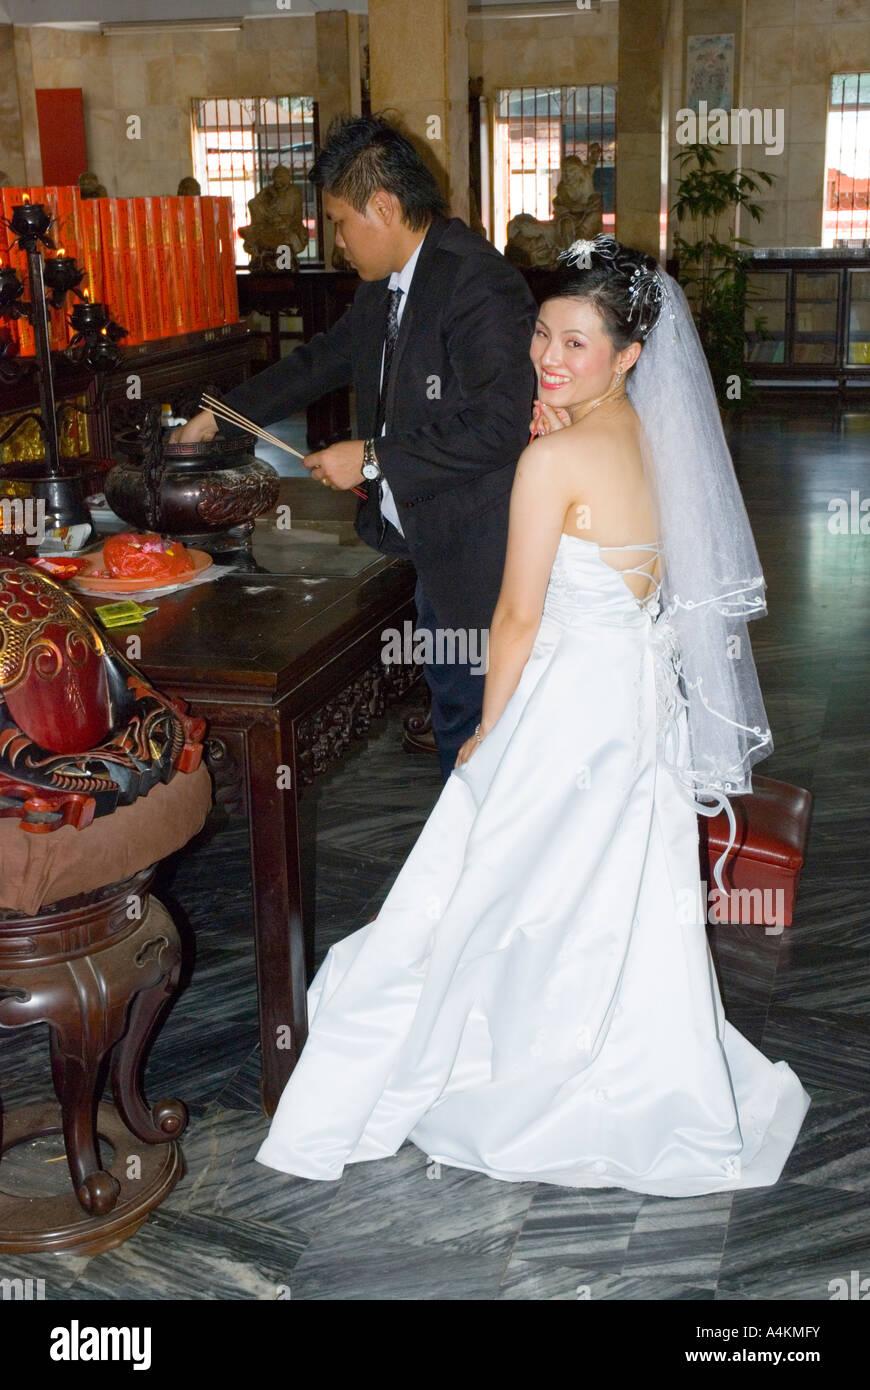 Wedding Bride In Western Style Stockfotos & Wedding Bride In Western ...